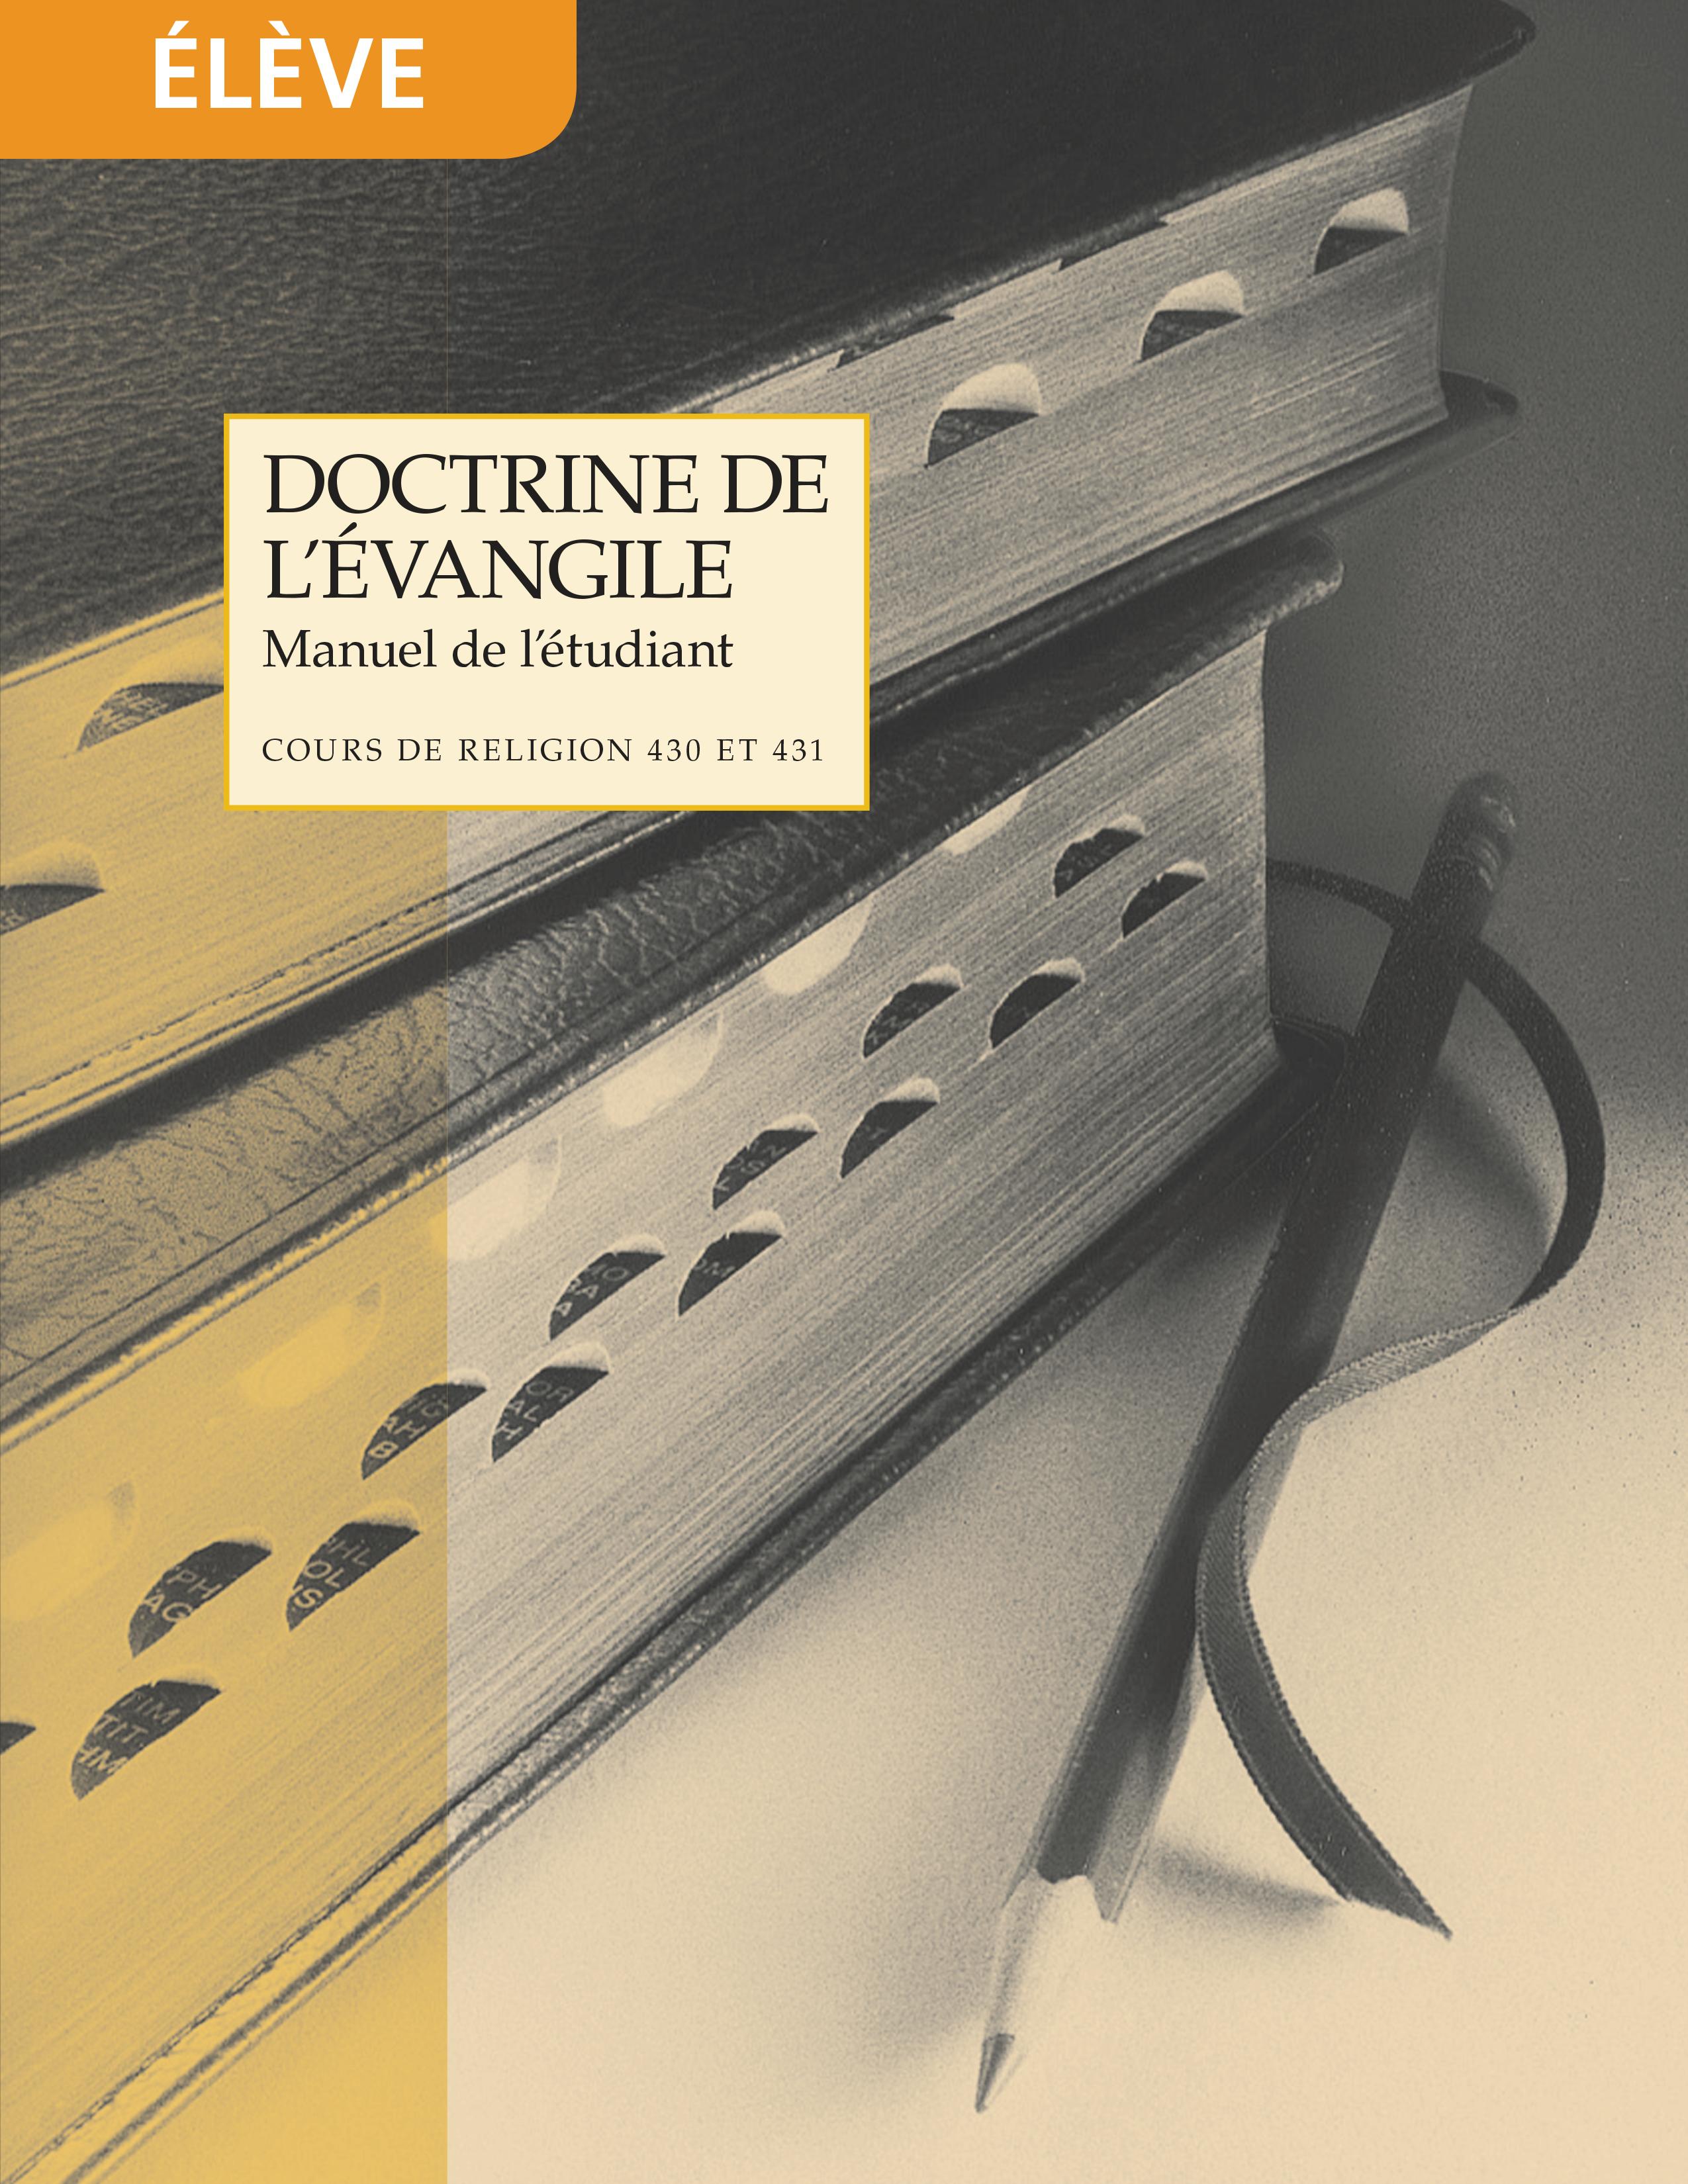 Doctrine de l'Évangile, manuel de l'étudiant (Religion 430-431)